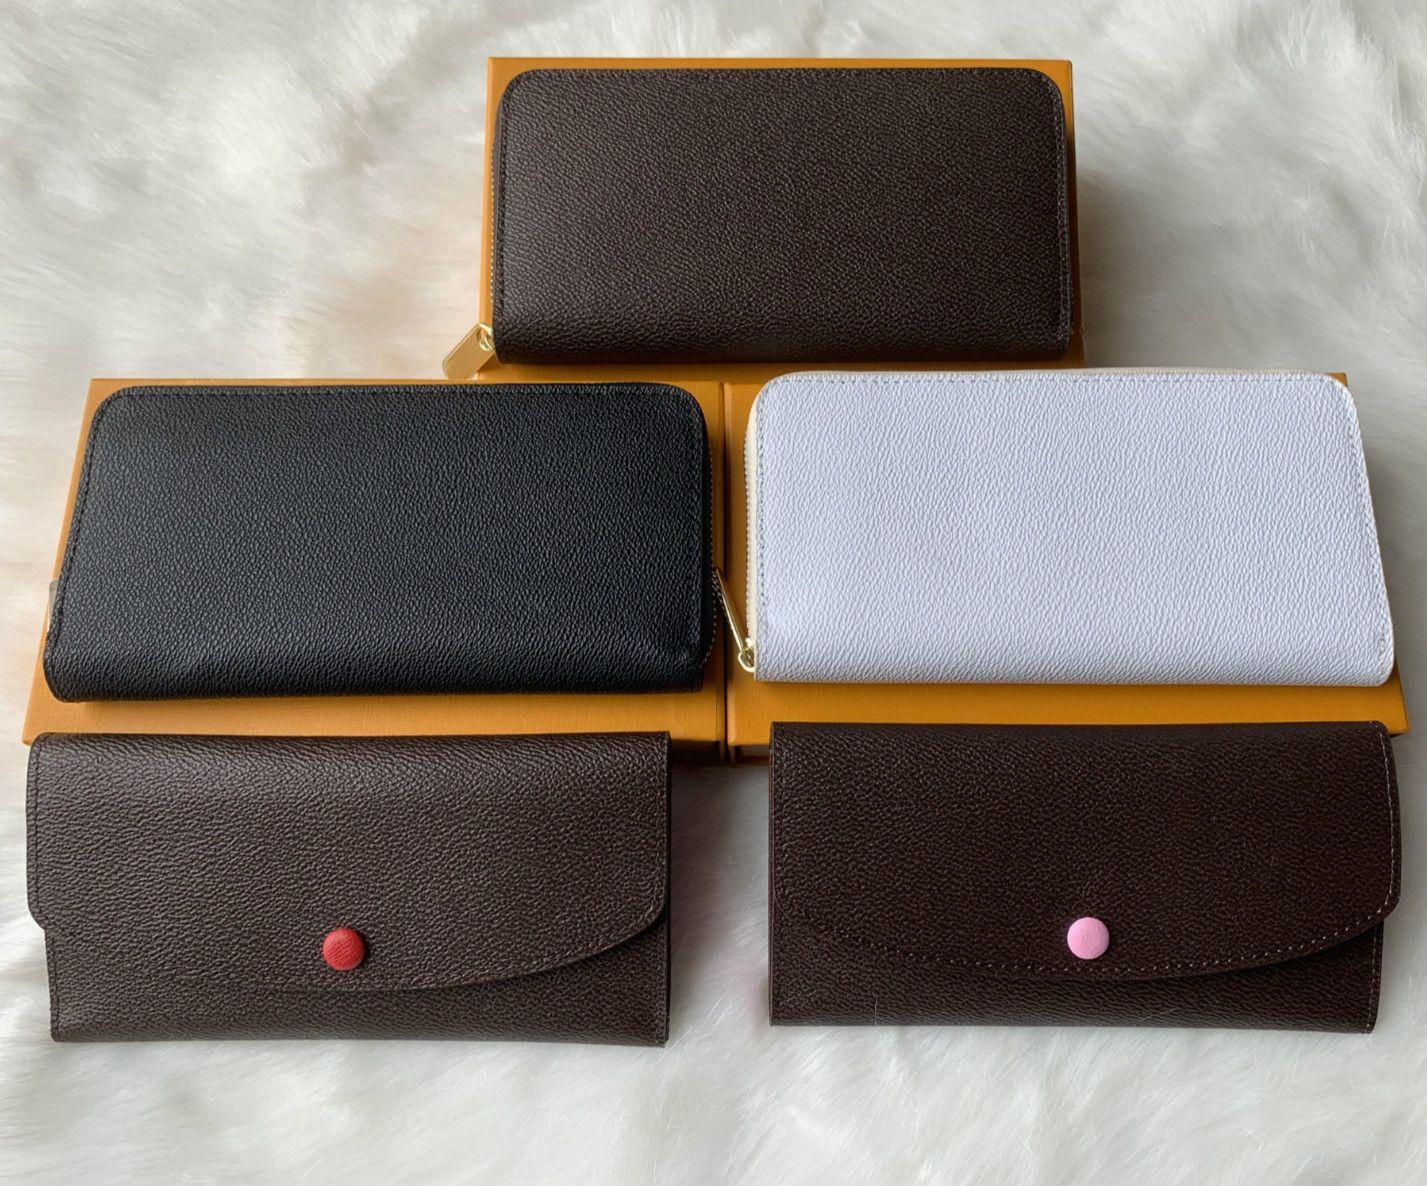 ZIPPY محفظة VERTICAL أكثر طريقة أنيقة لتحملها المال، وبطاقات والعملات الشهير الرجال تصميم محفظة جلدية حامل البطاقة تجارية طويلة